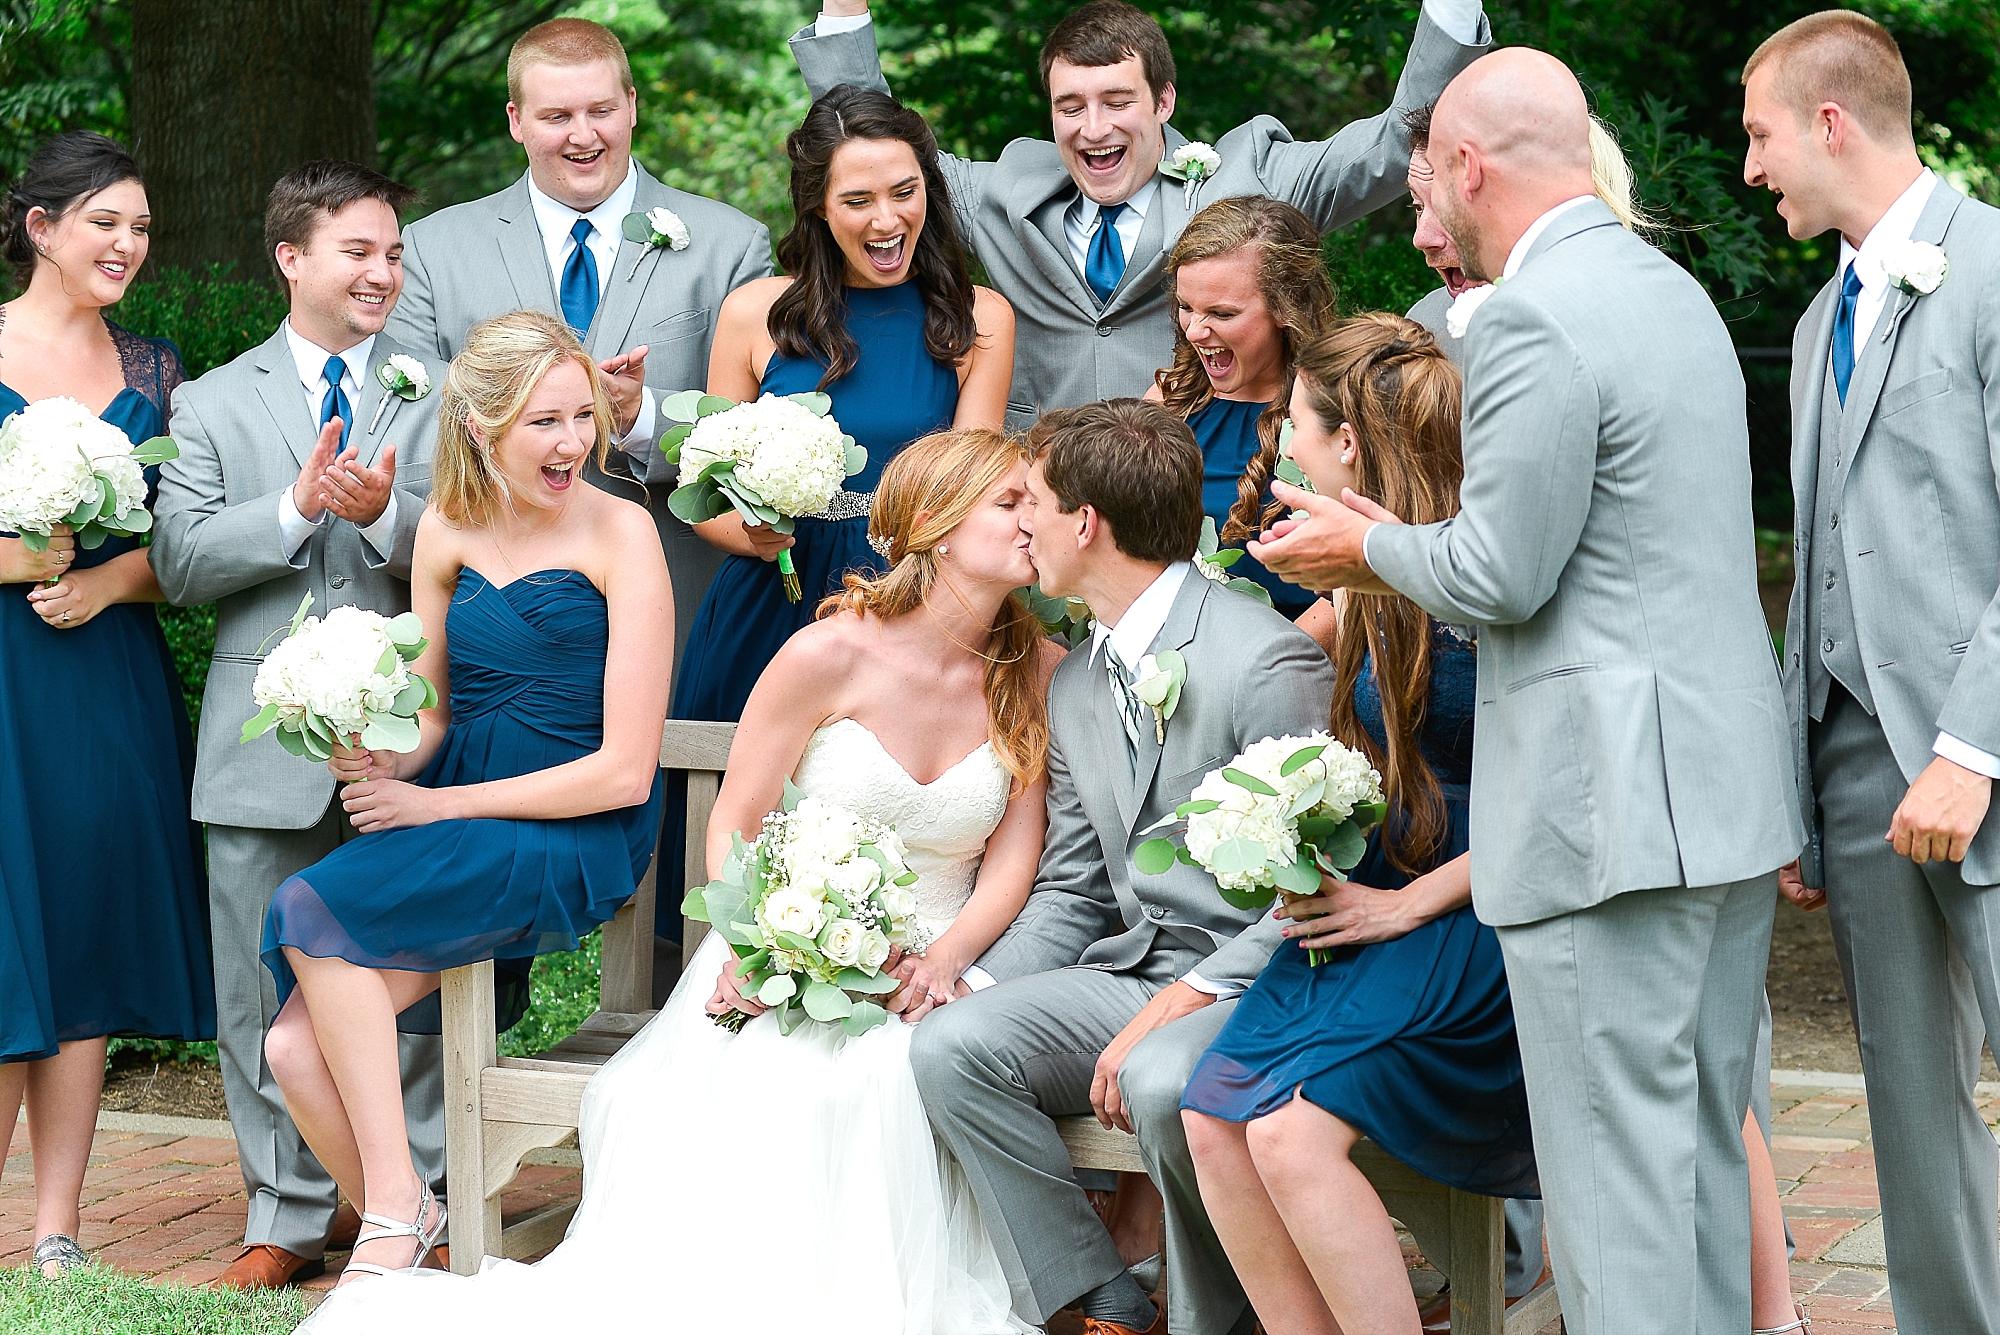 fun-wedding-party-photos